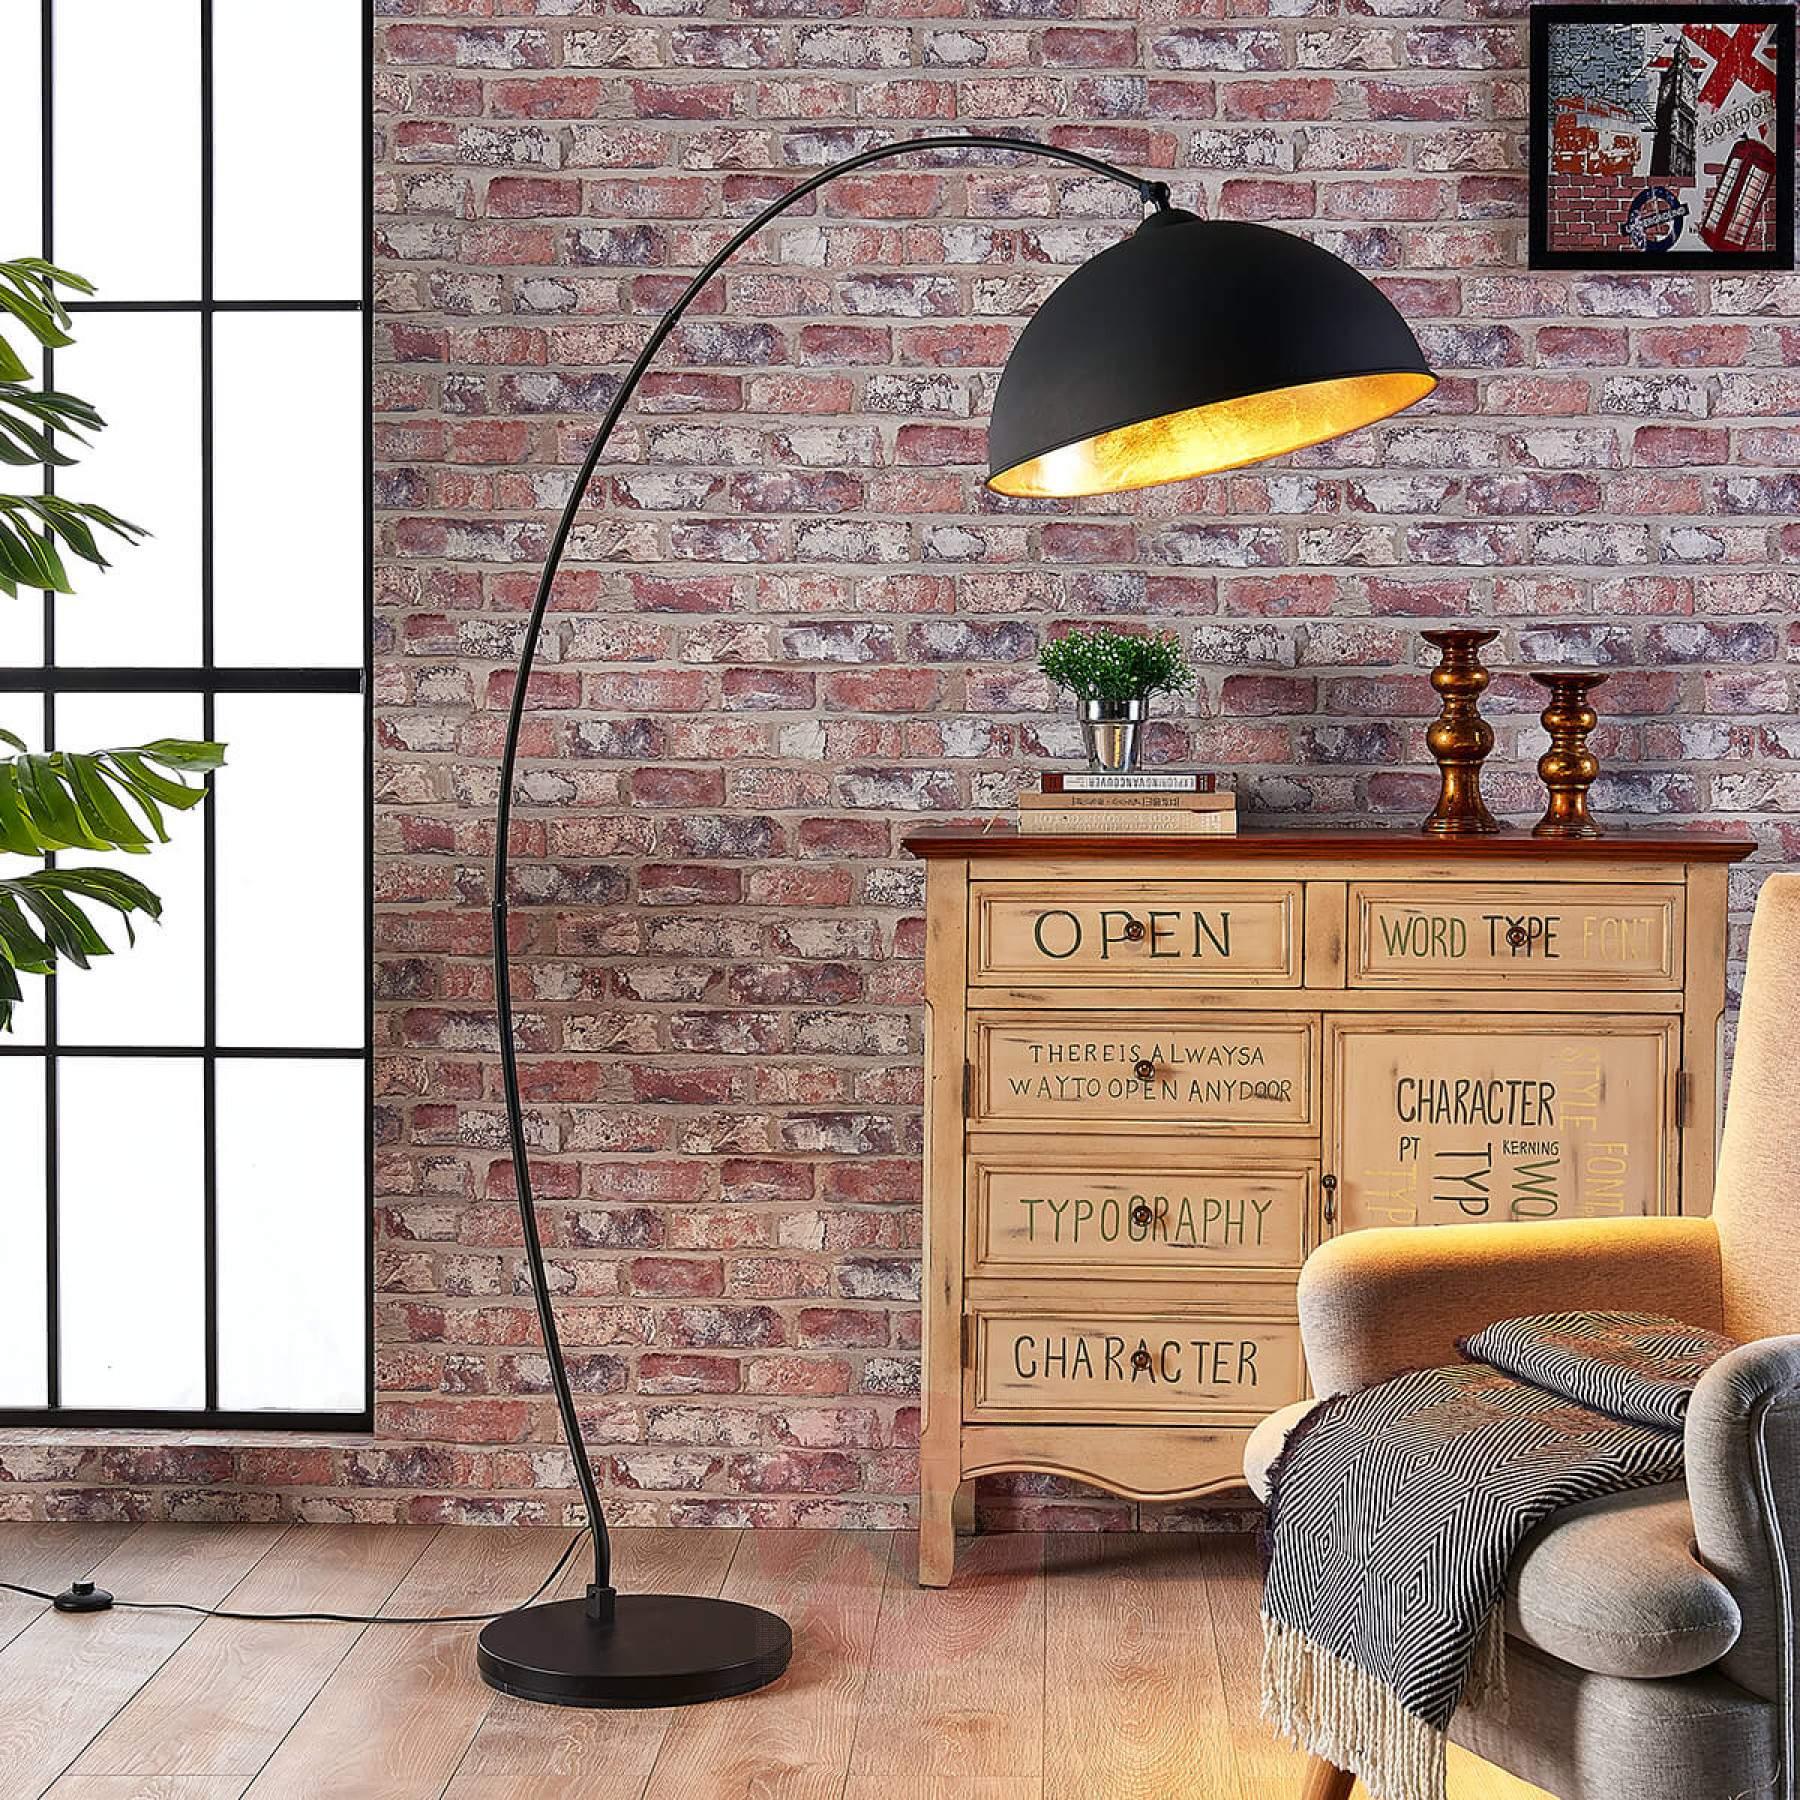 Full Size of Bogenlampe Esstisch Bogenlampen Rustikal Holz Massiver Rund Massivholz Ausziehbar Rustikaler Glas Oval Weiß Eiche Sägerau Massiv Ovaler Mit Stühlen Runder Esstische Bogenlampe Esstisch